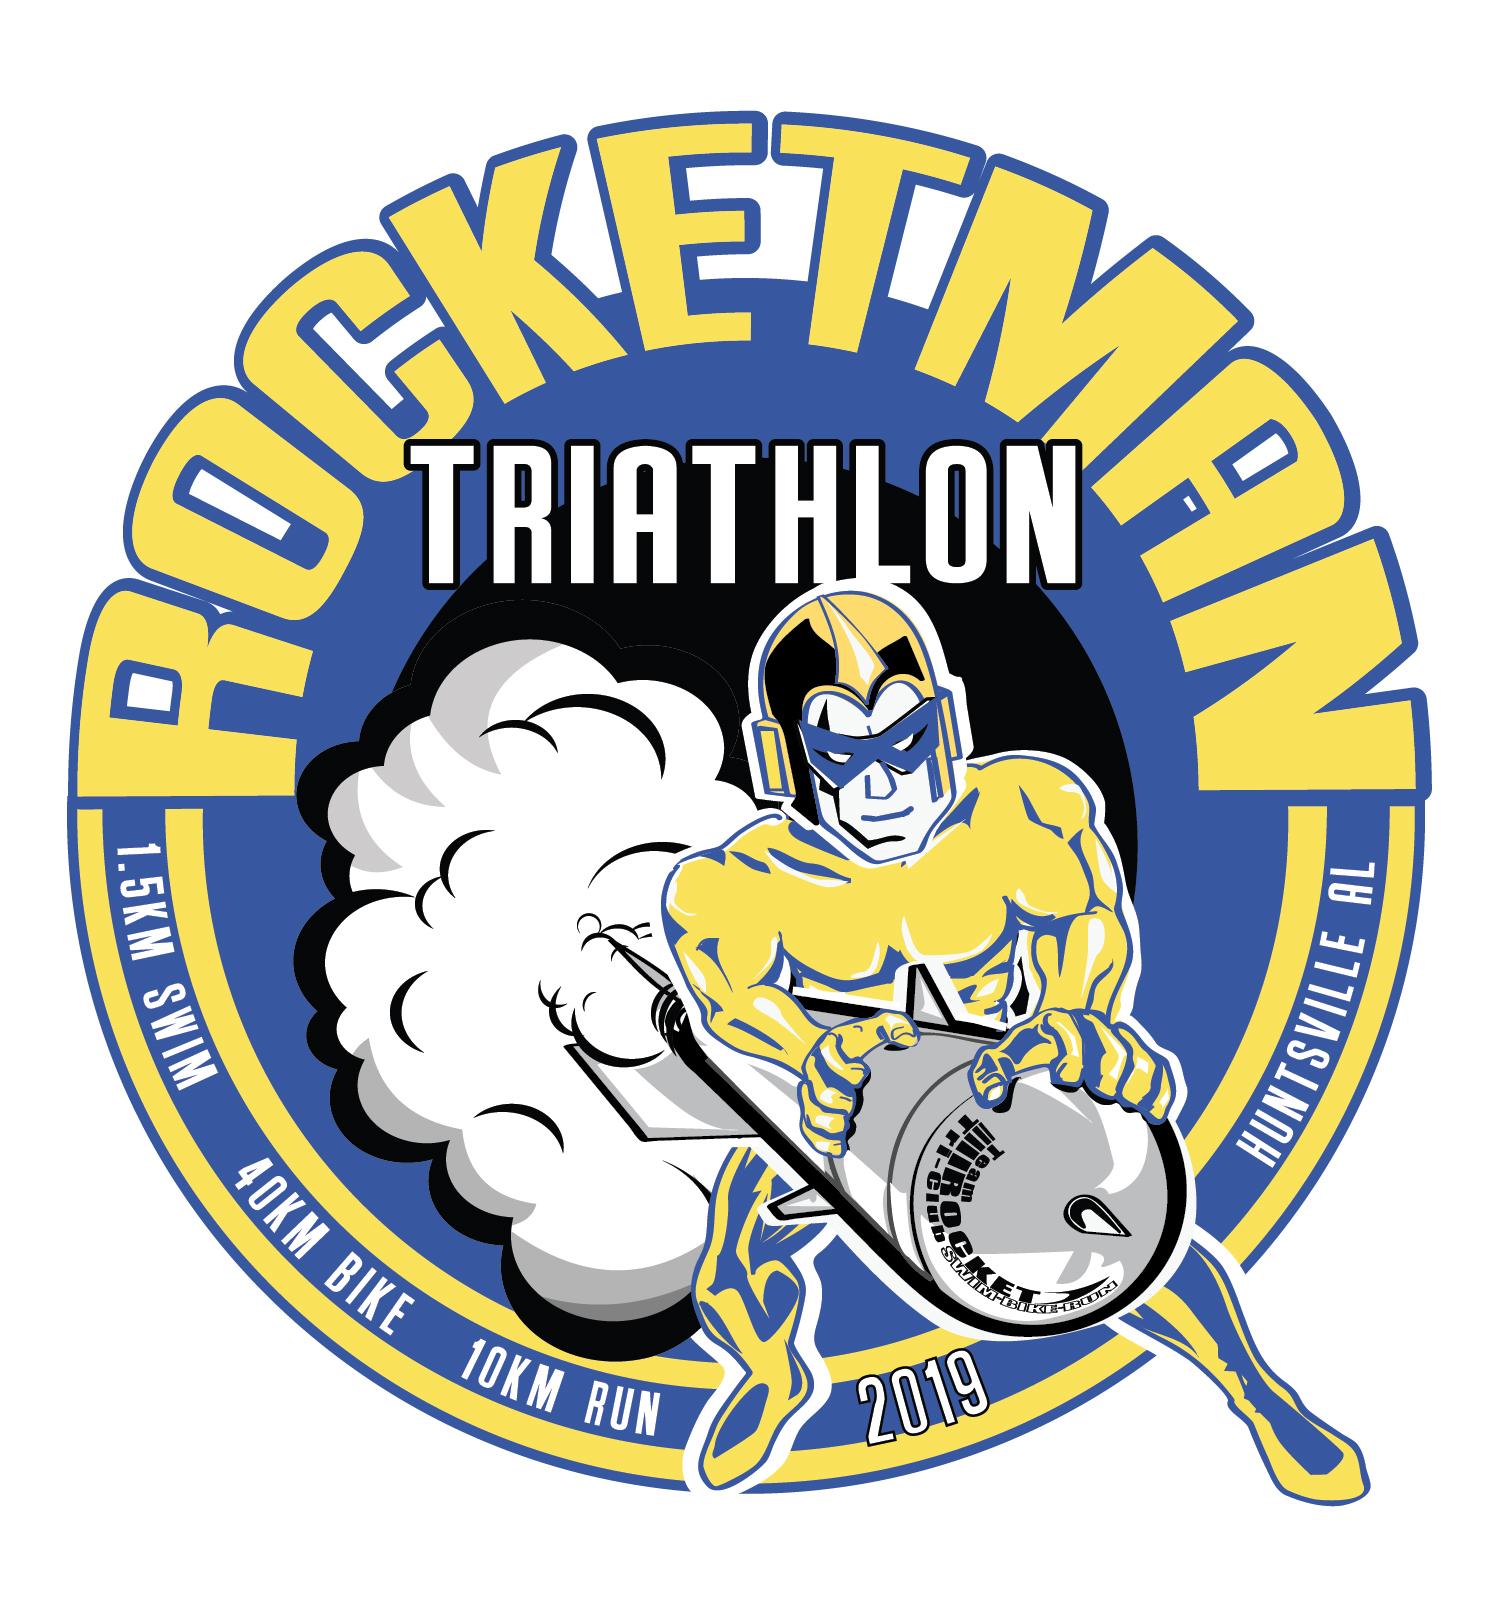 Rocketman Triathlon 2019 - Team Rocket Tri Club